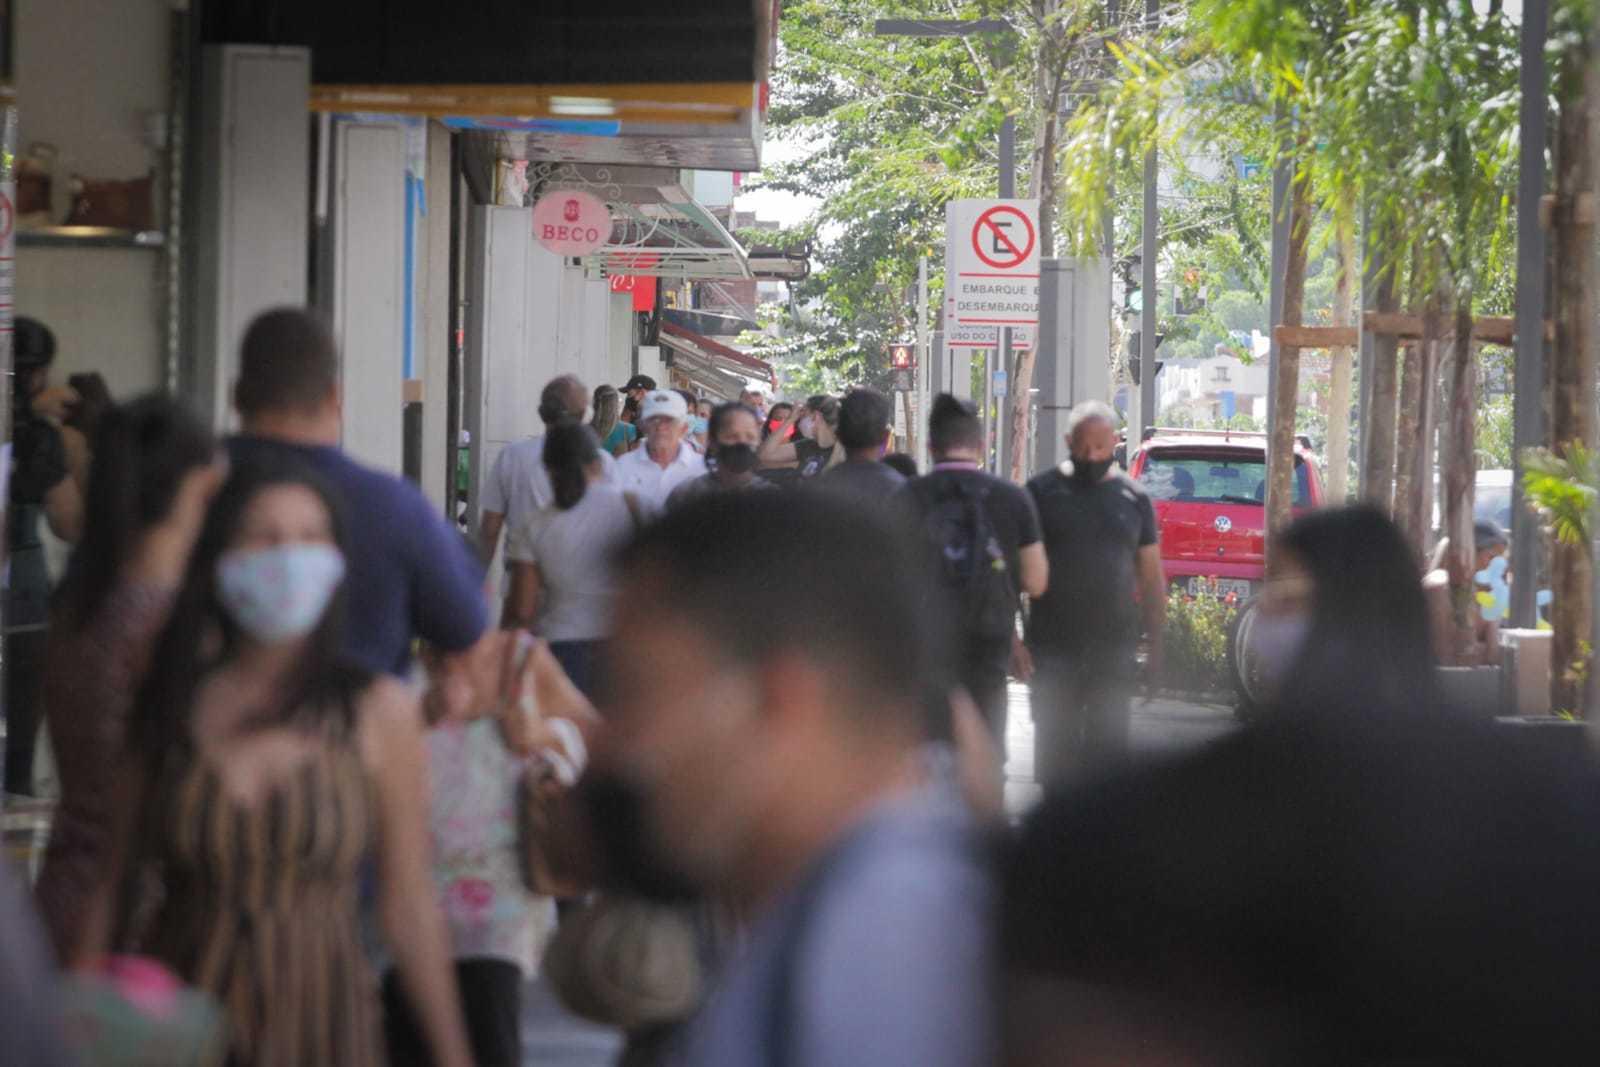 Movimentação do comércio na região central de Campo Grande (Foto/Arquivo)